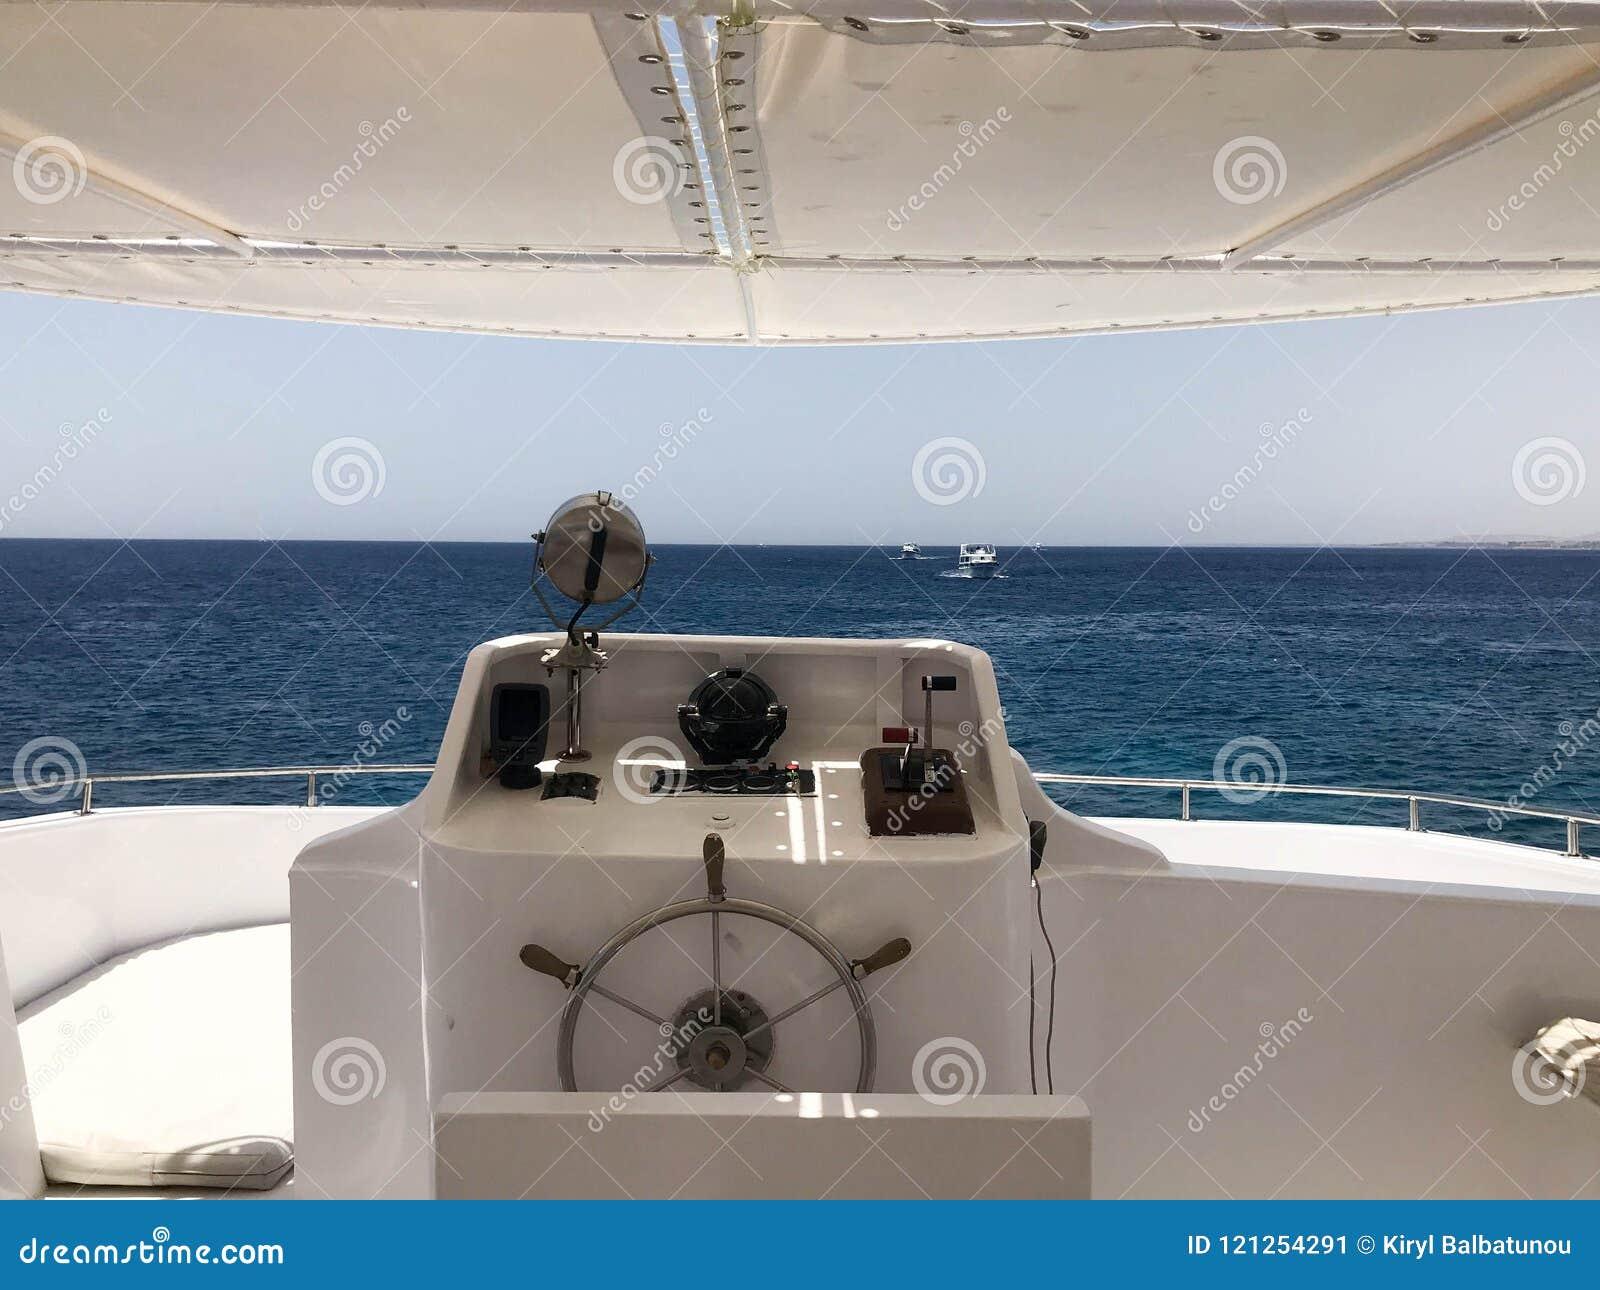 Η καμπίνα καπετάνιου ` s σε caroble, βάρκα με το τιμόνι, αντηχεί τον ηχοβολητή, την πυξίδα θάλασσας, τον πλοηγό, το πιάσιμο αερίο